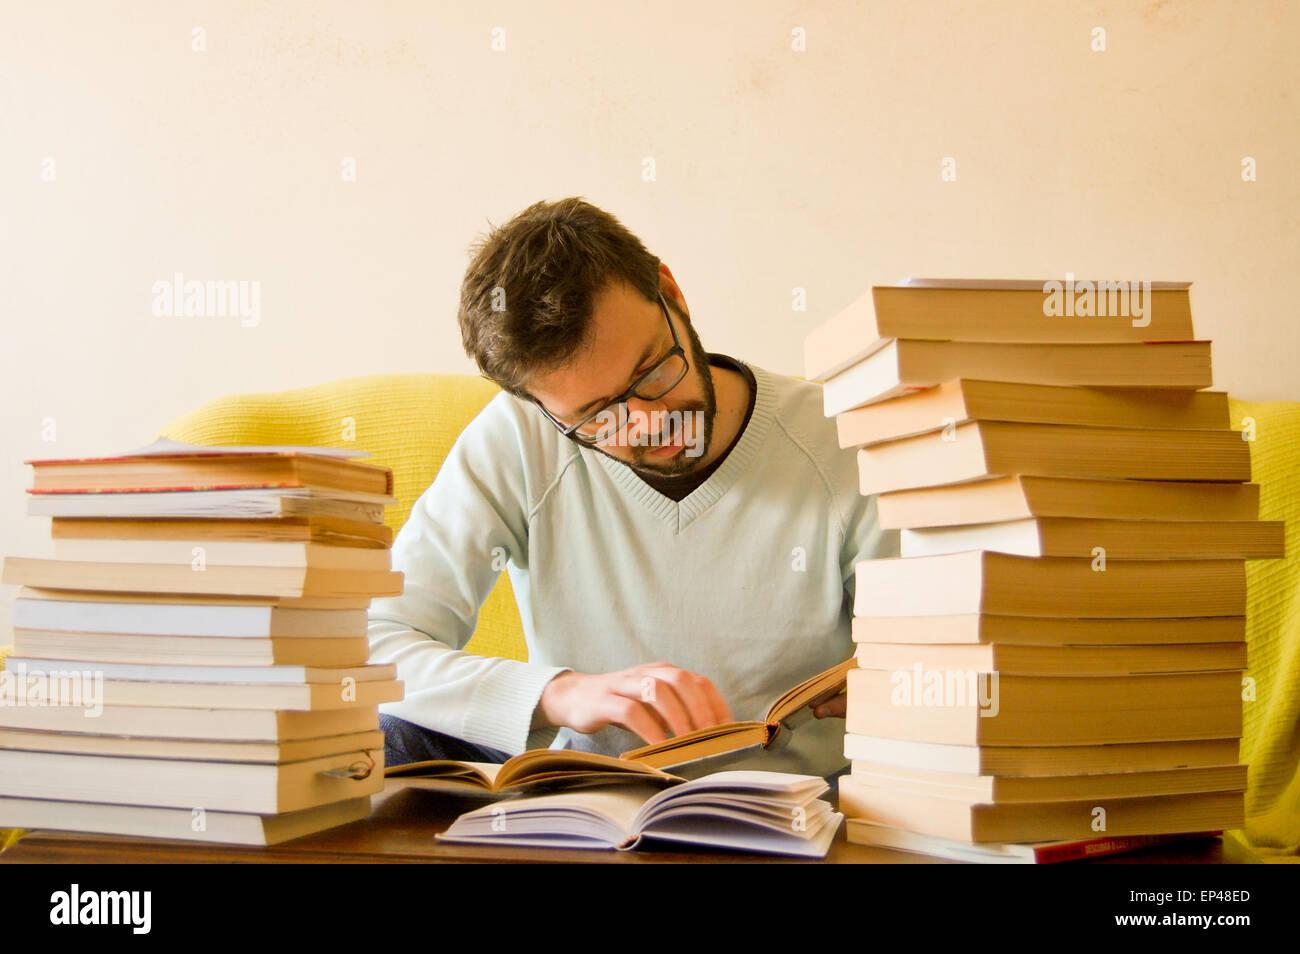 L'étude de l'homme avec une pile de livres en face de lui Photo Stock